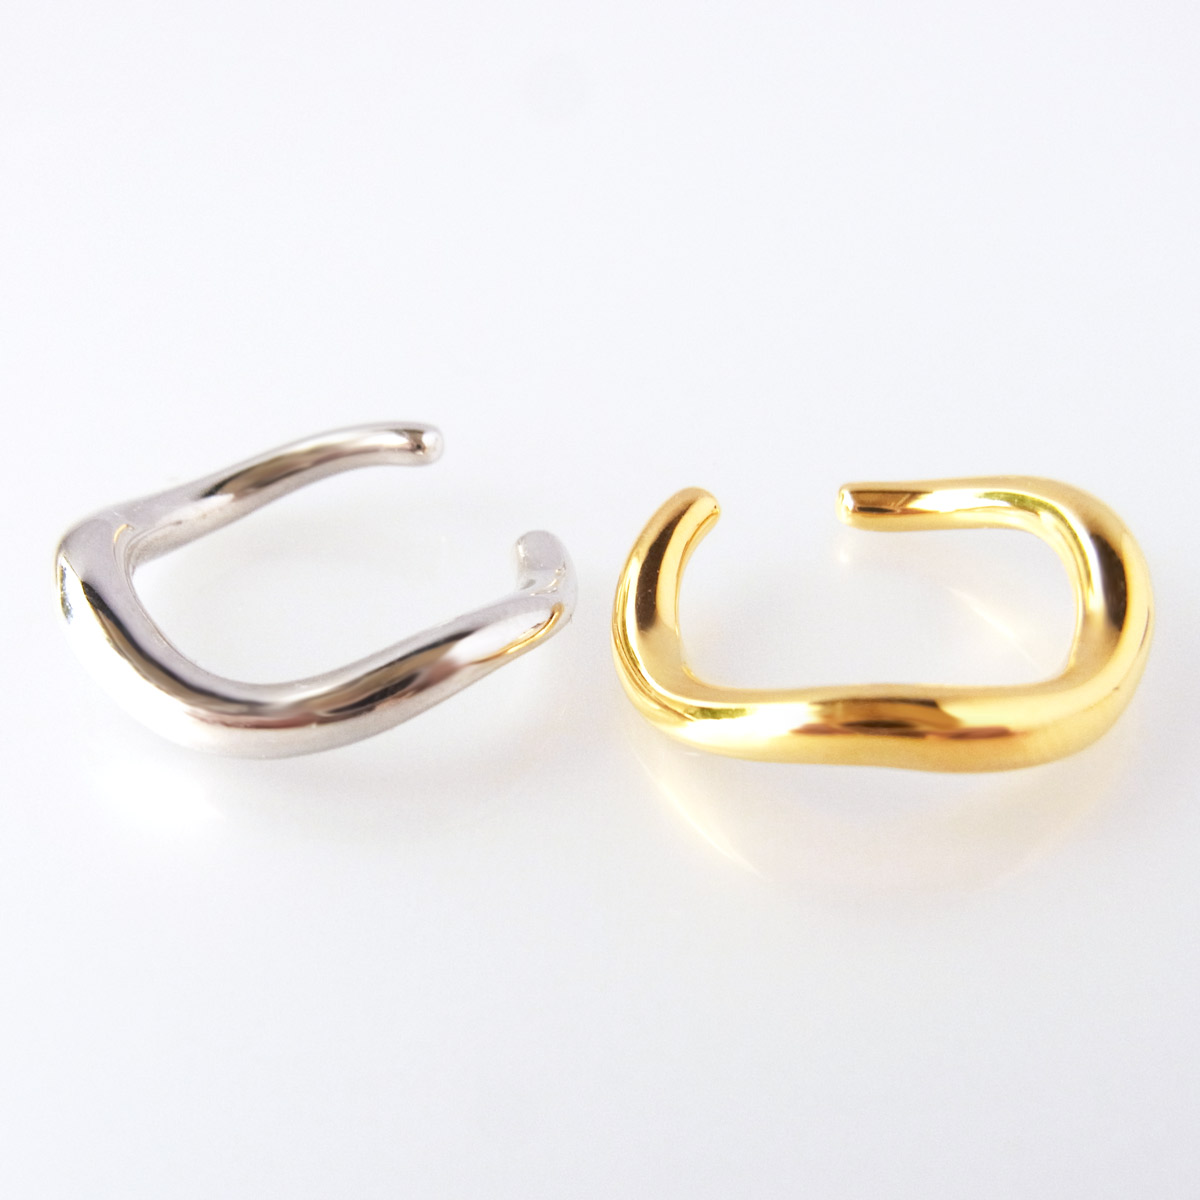 イヤーカフ シルバー製 ゴールド鍍金 ロジウム鍍金 S字